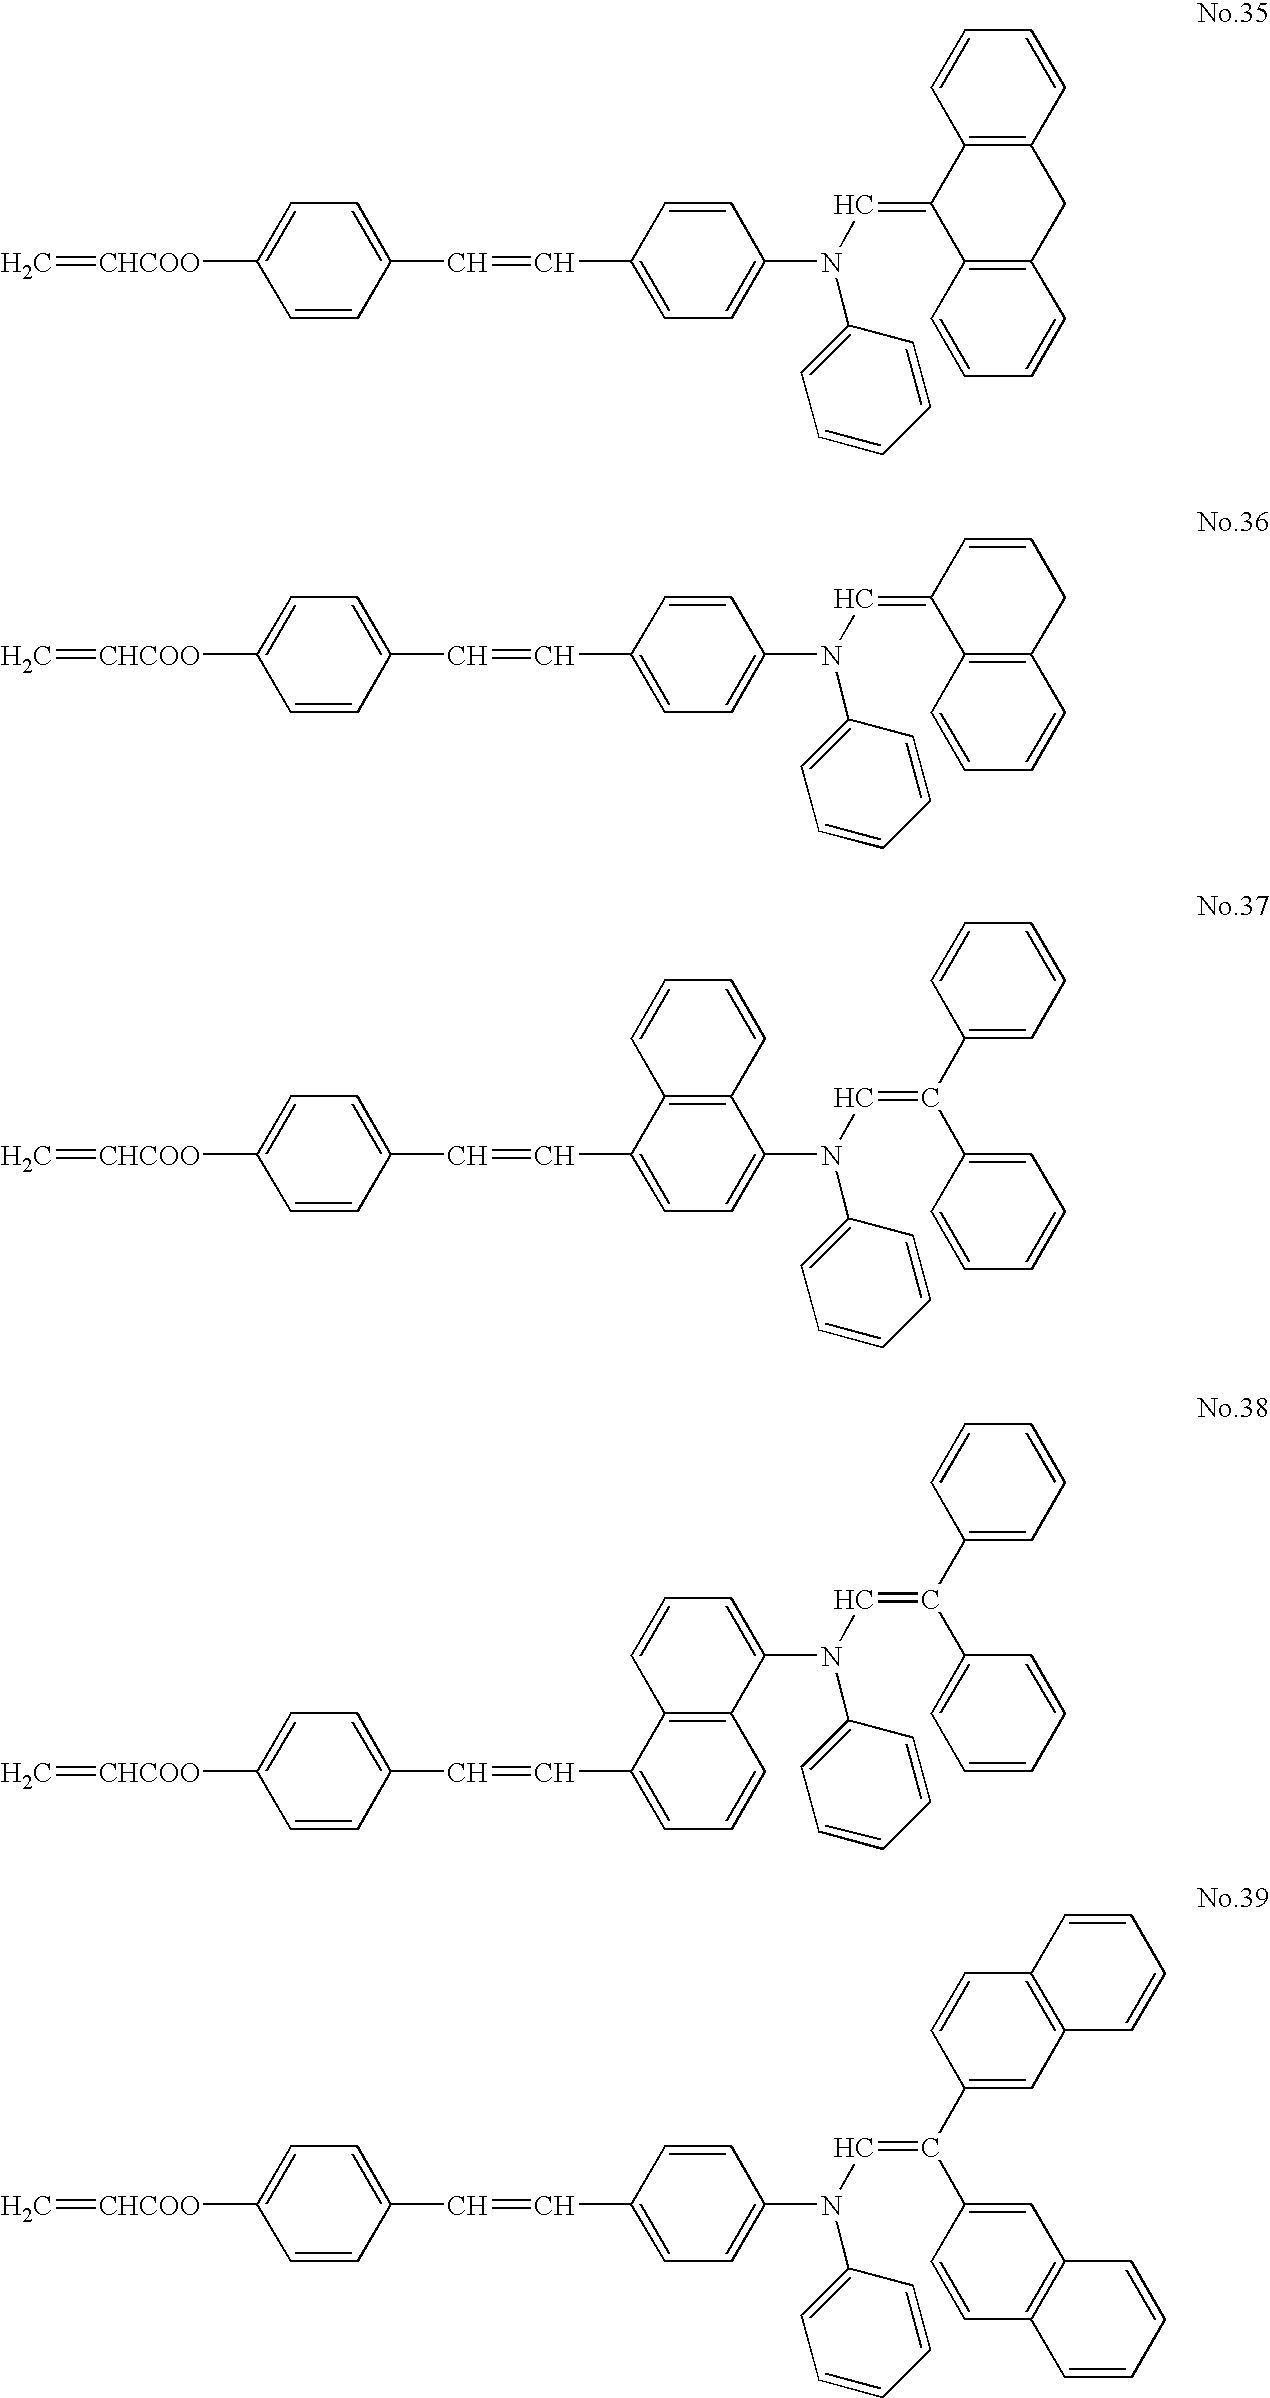 Figure US20060078809A1-20060413-C00013